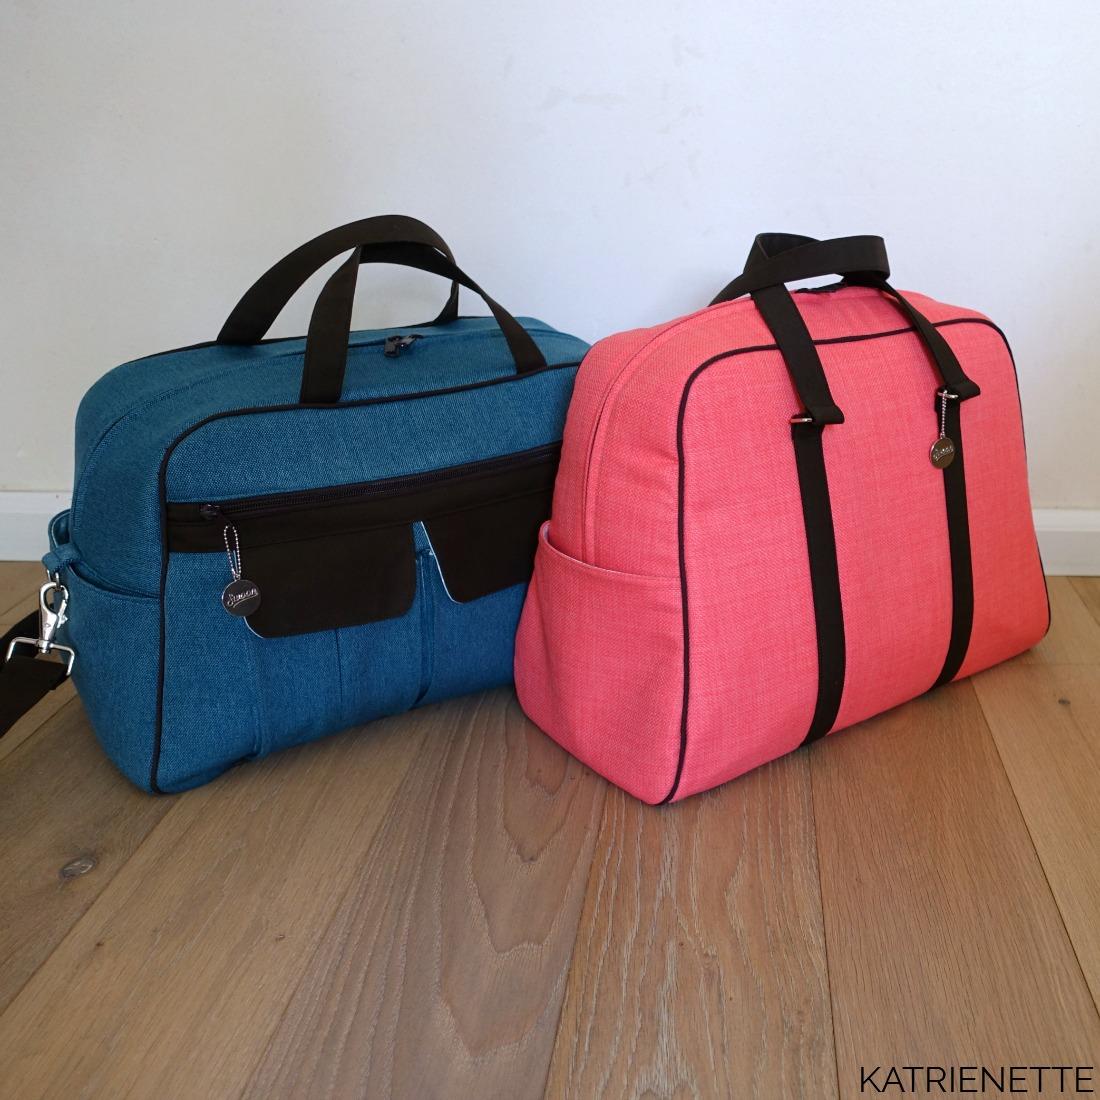 Stella weekender katrienette swoon swoonpatterns vivian traveler bag tas style-vil stylevil fast2fuse reistas weekendtas zelf genaaid bagmaker sewingblogger